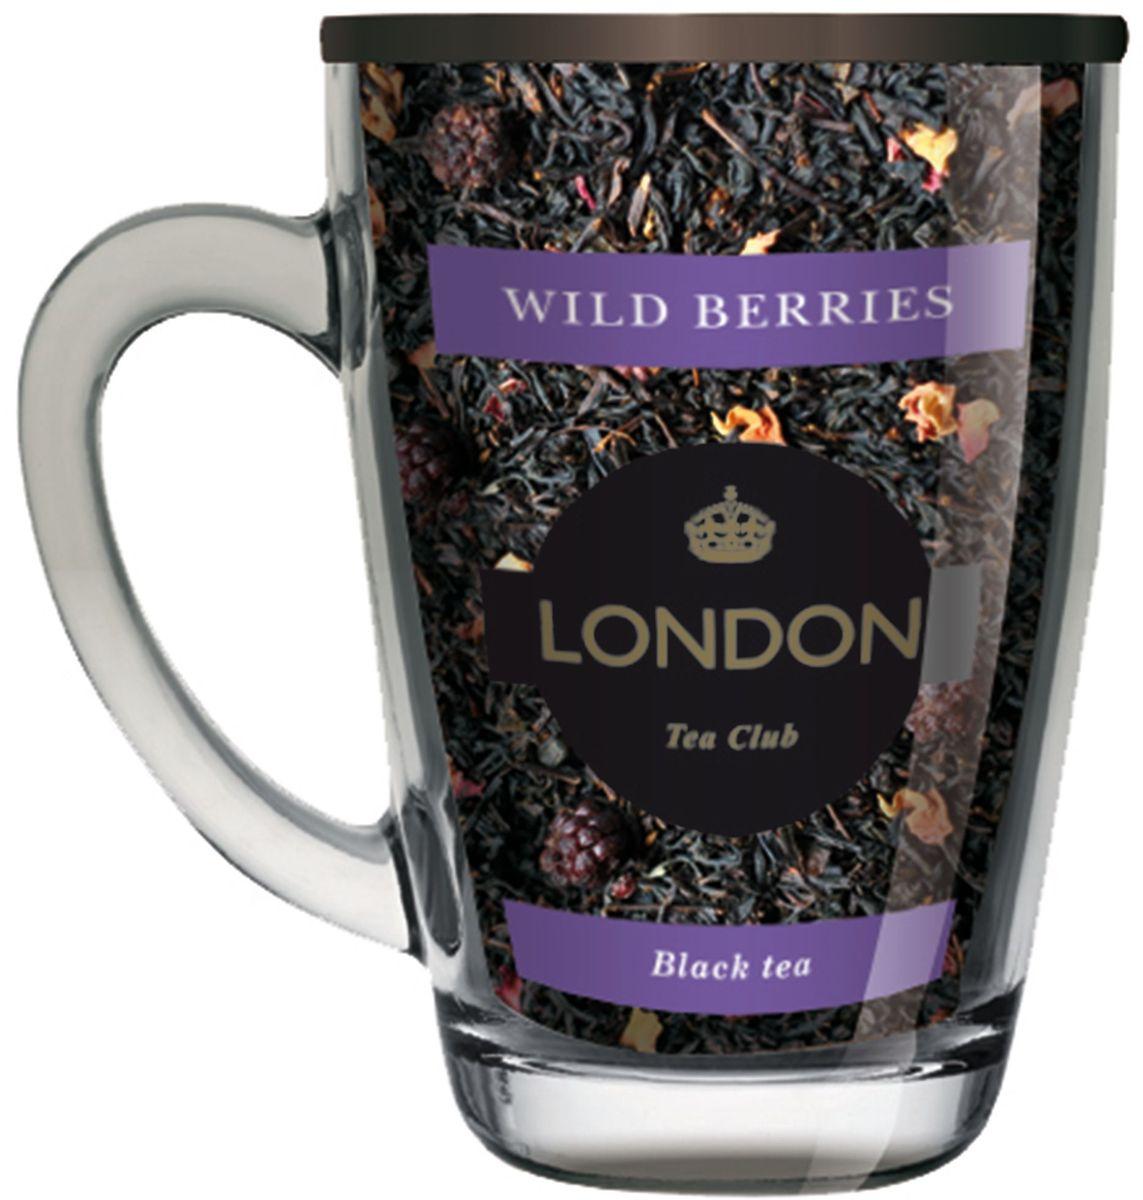 London Tea Club Лесные ягоды чай черный в стеклянной кружке, 70 г4607051543560Ароматная смесь черного чая и цельных лесных ягод, которые придают напитку особый ягодный вкус. Этот благоухающий чай создает приятное летнее настроение, прекрасно восстанавливает силы.